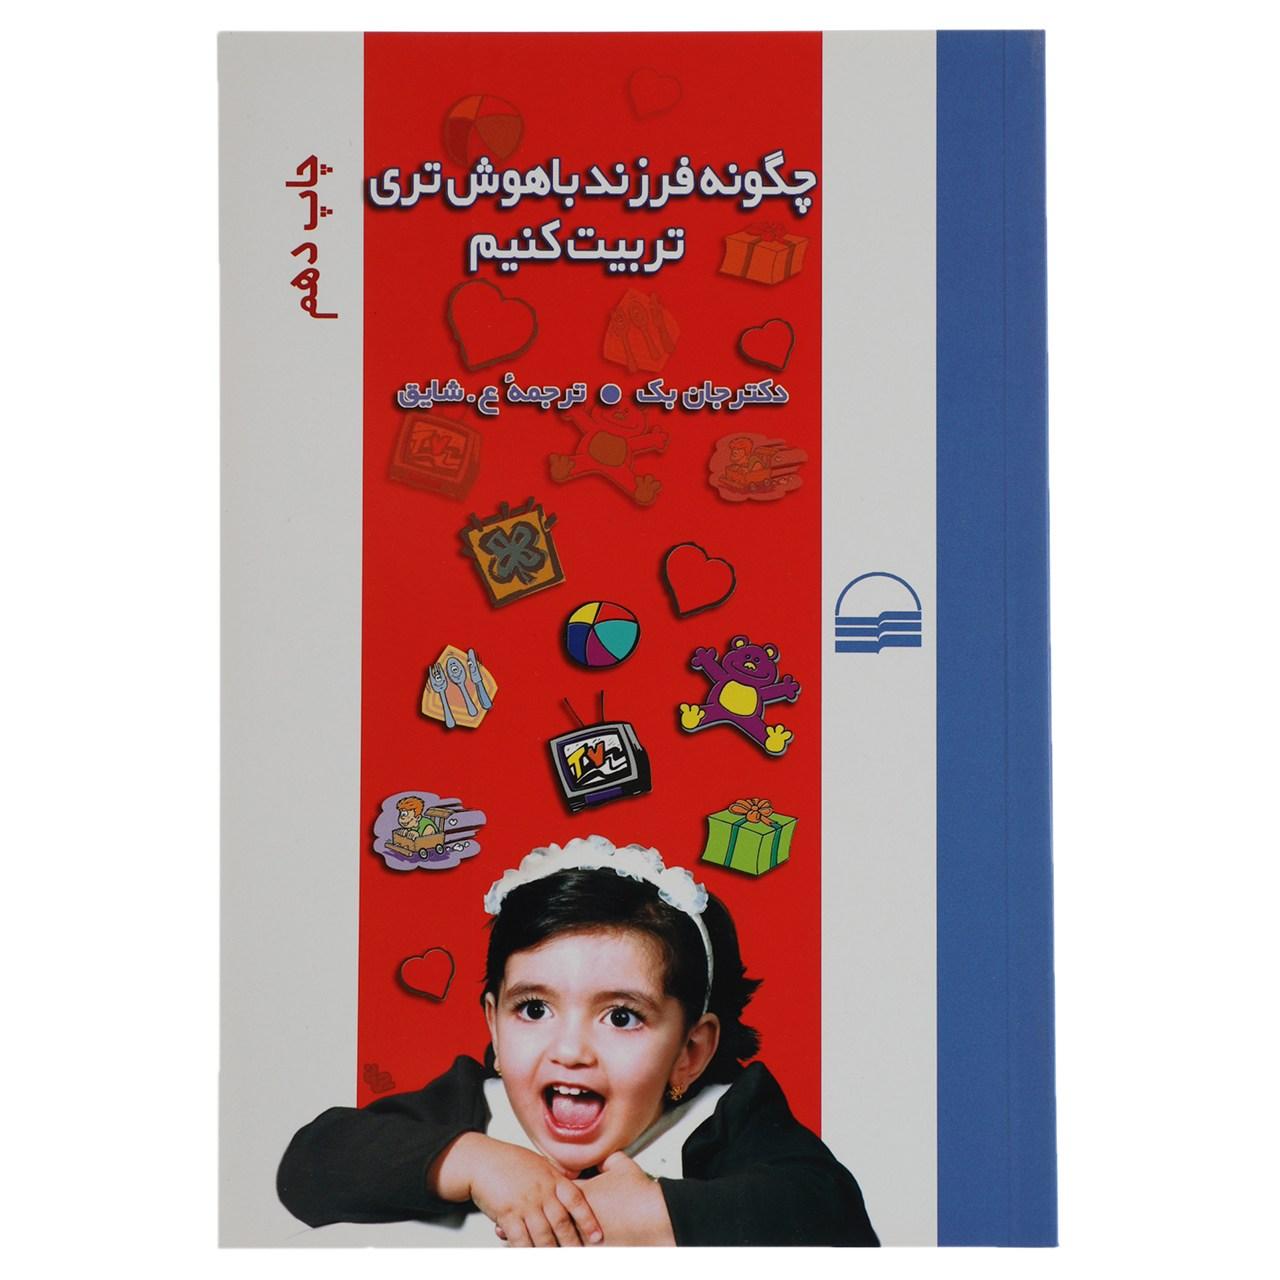 کتاب چگونه فرزند باهوش تری تربیت کنیم اثر دکتر جان بک